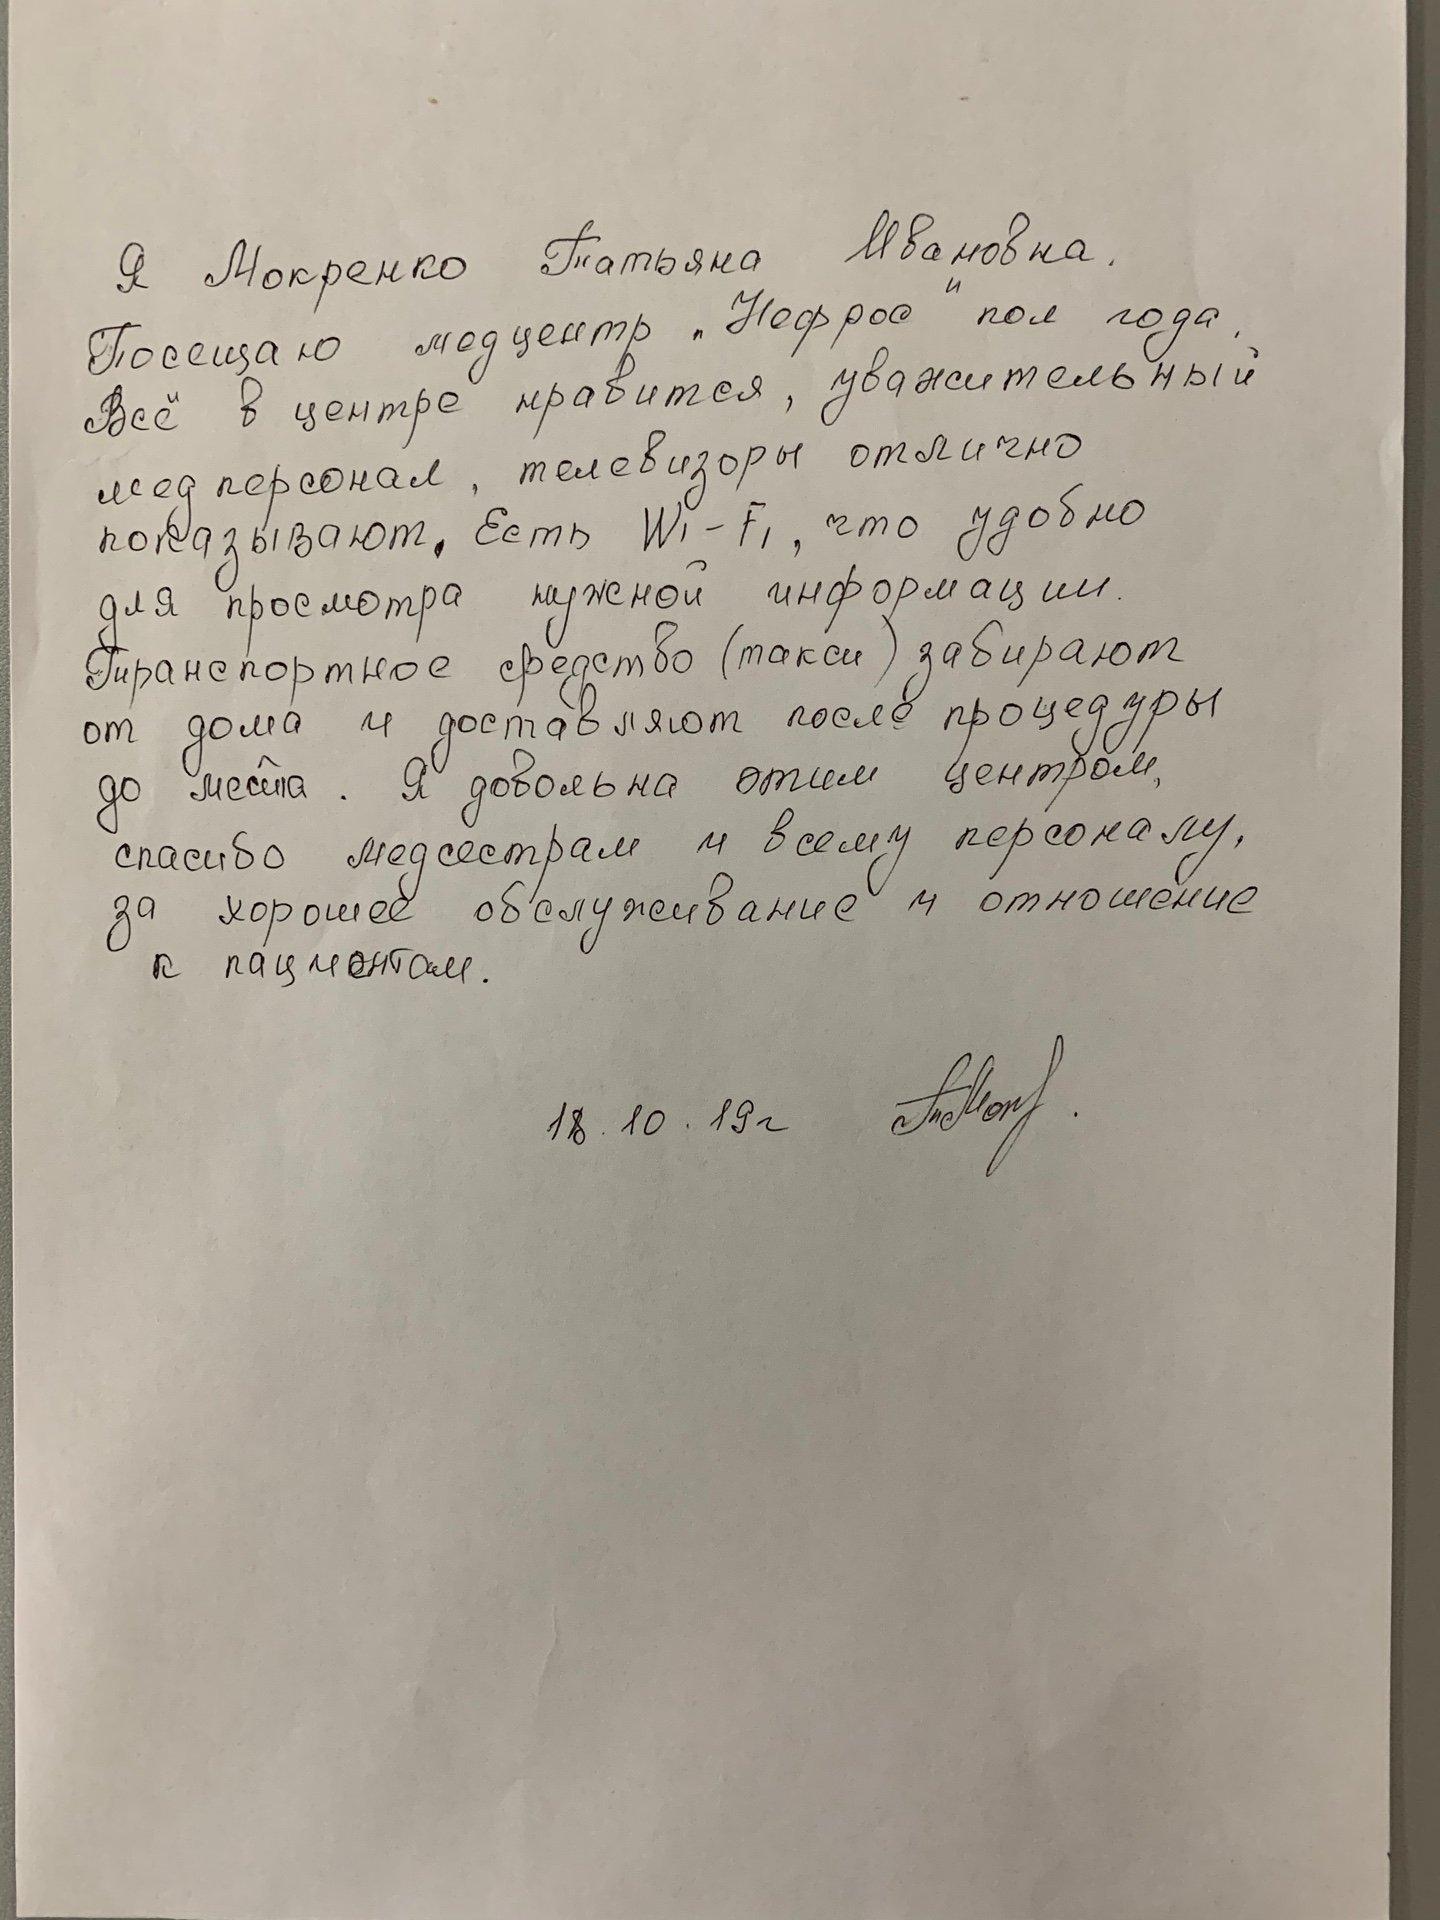 Мокренко Т.В